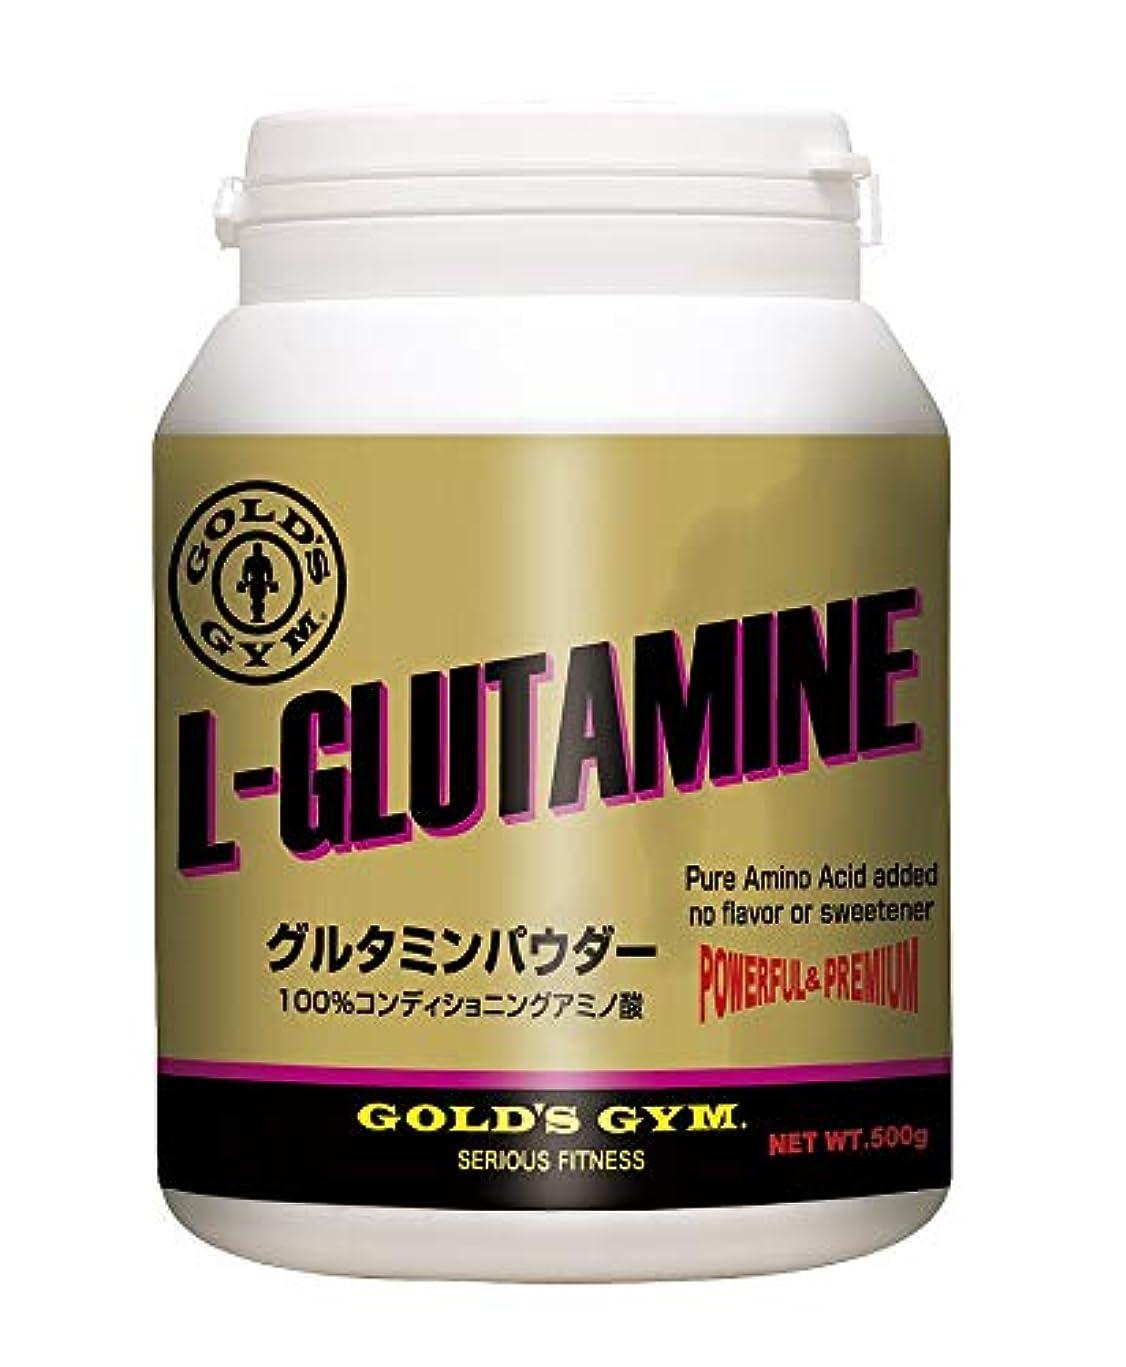 受付規制する登るゴールドジム(GOLD'S GYM) グルタミンパウダー 300g